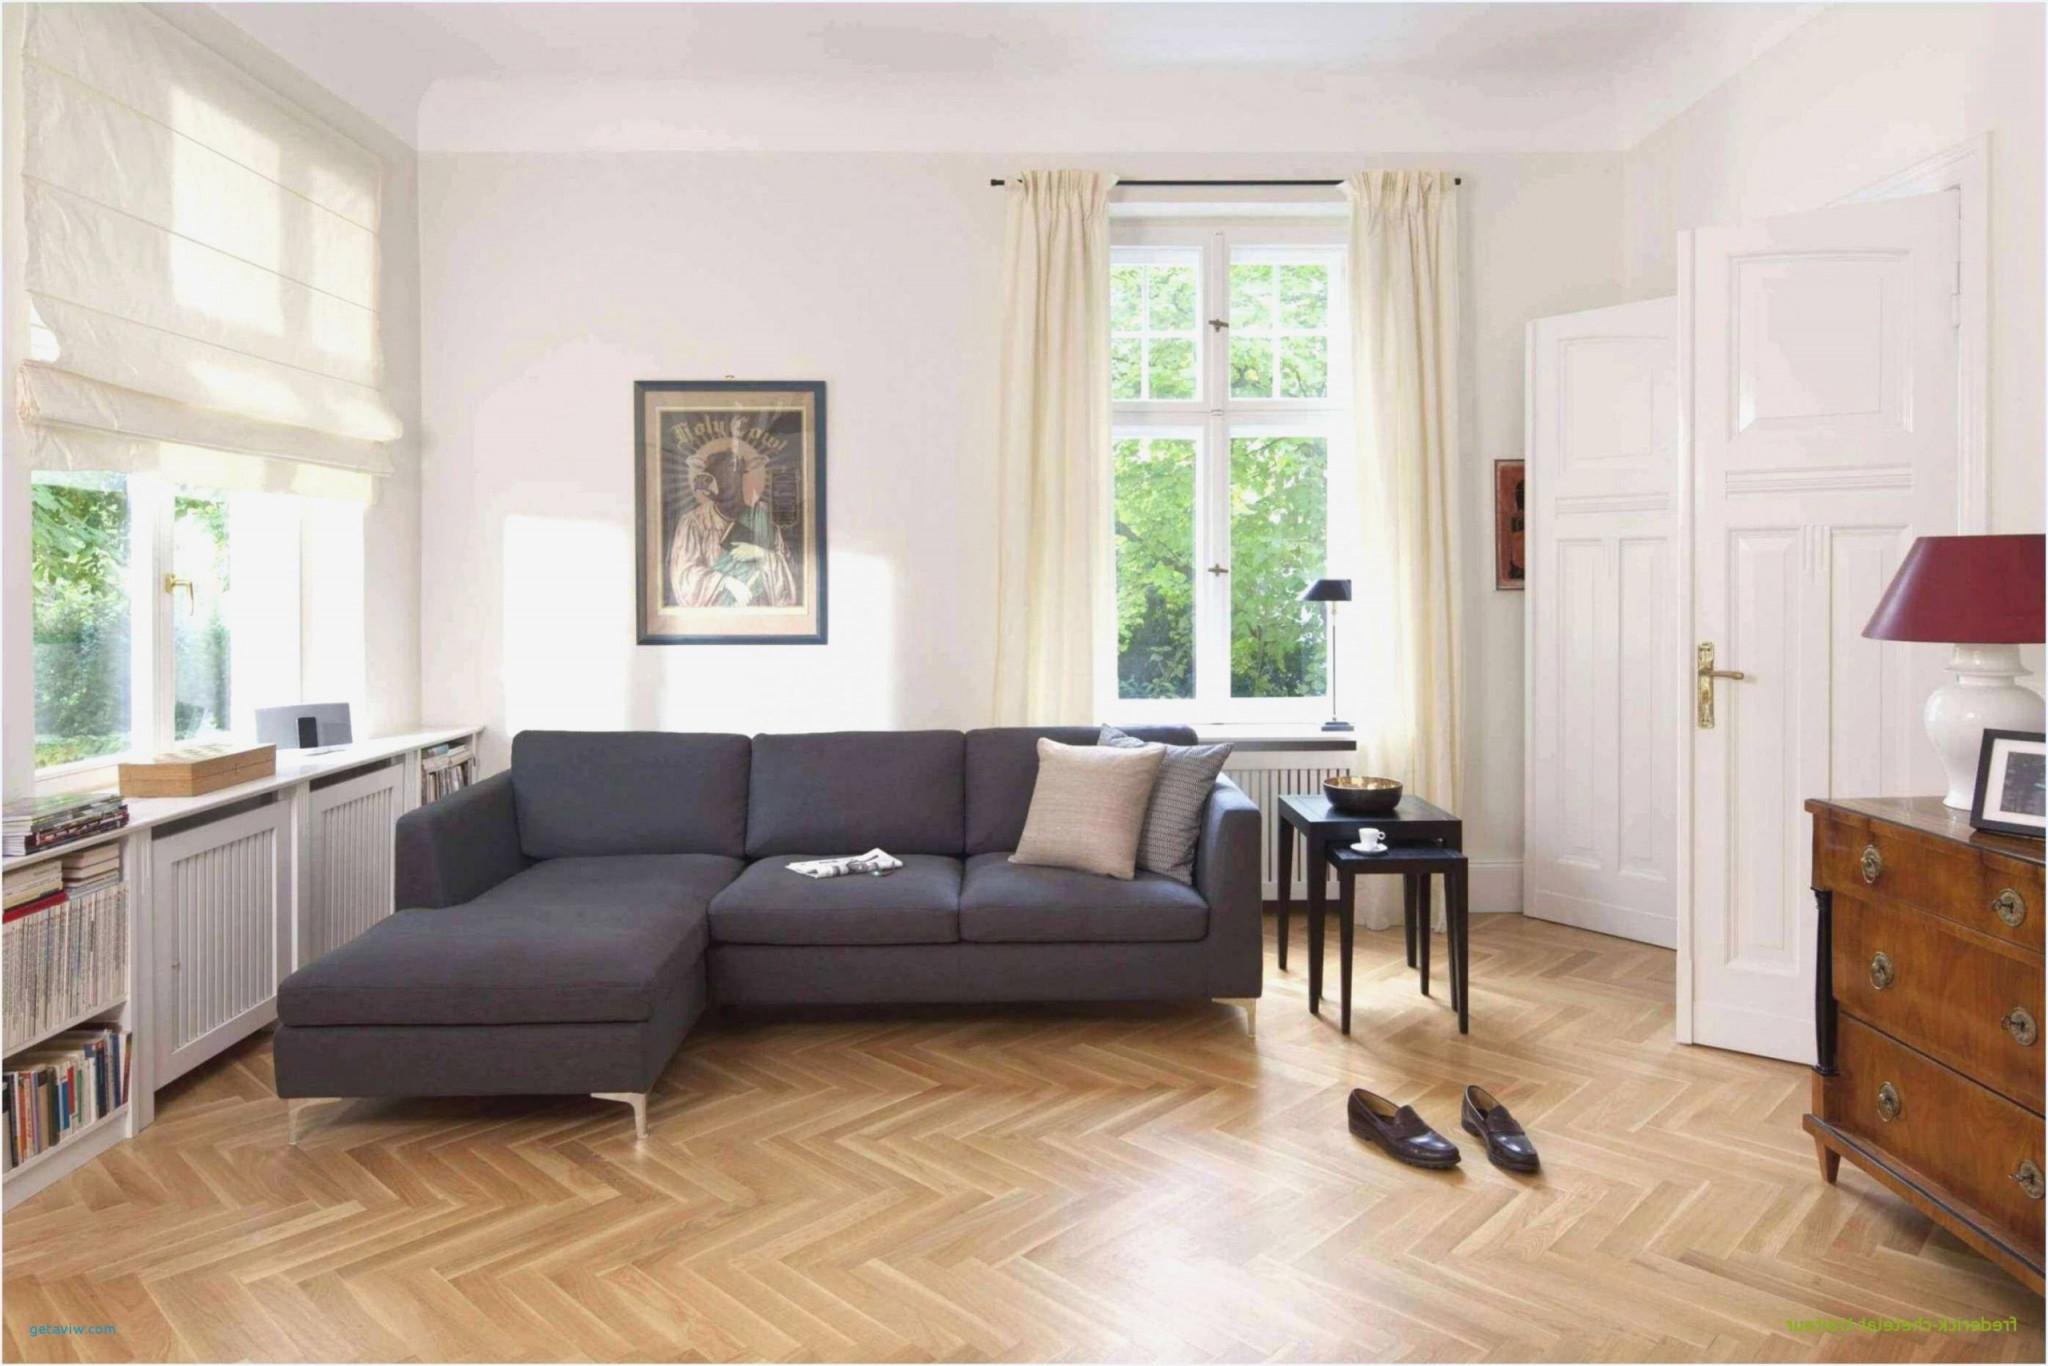 Groes Langes Wohnzimmer Einrichten  Wohnzimmer  Traumhaus von Langes Wohnzimmer Gestalten Bild